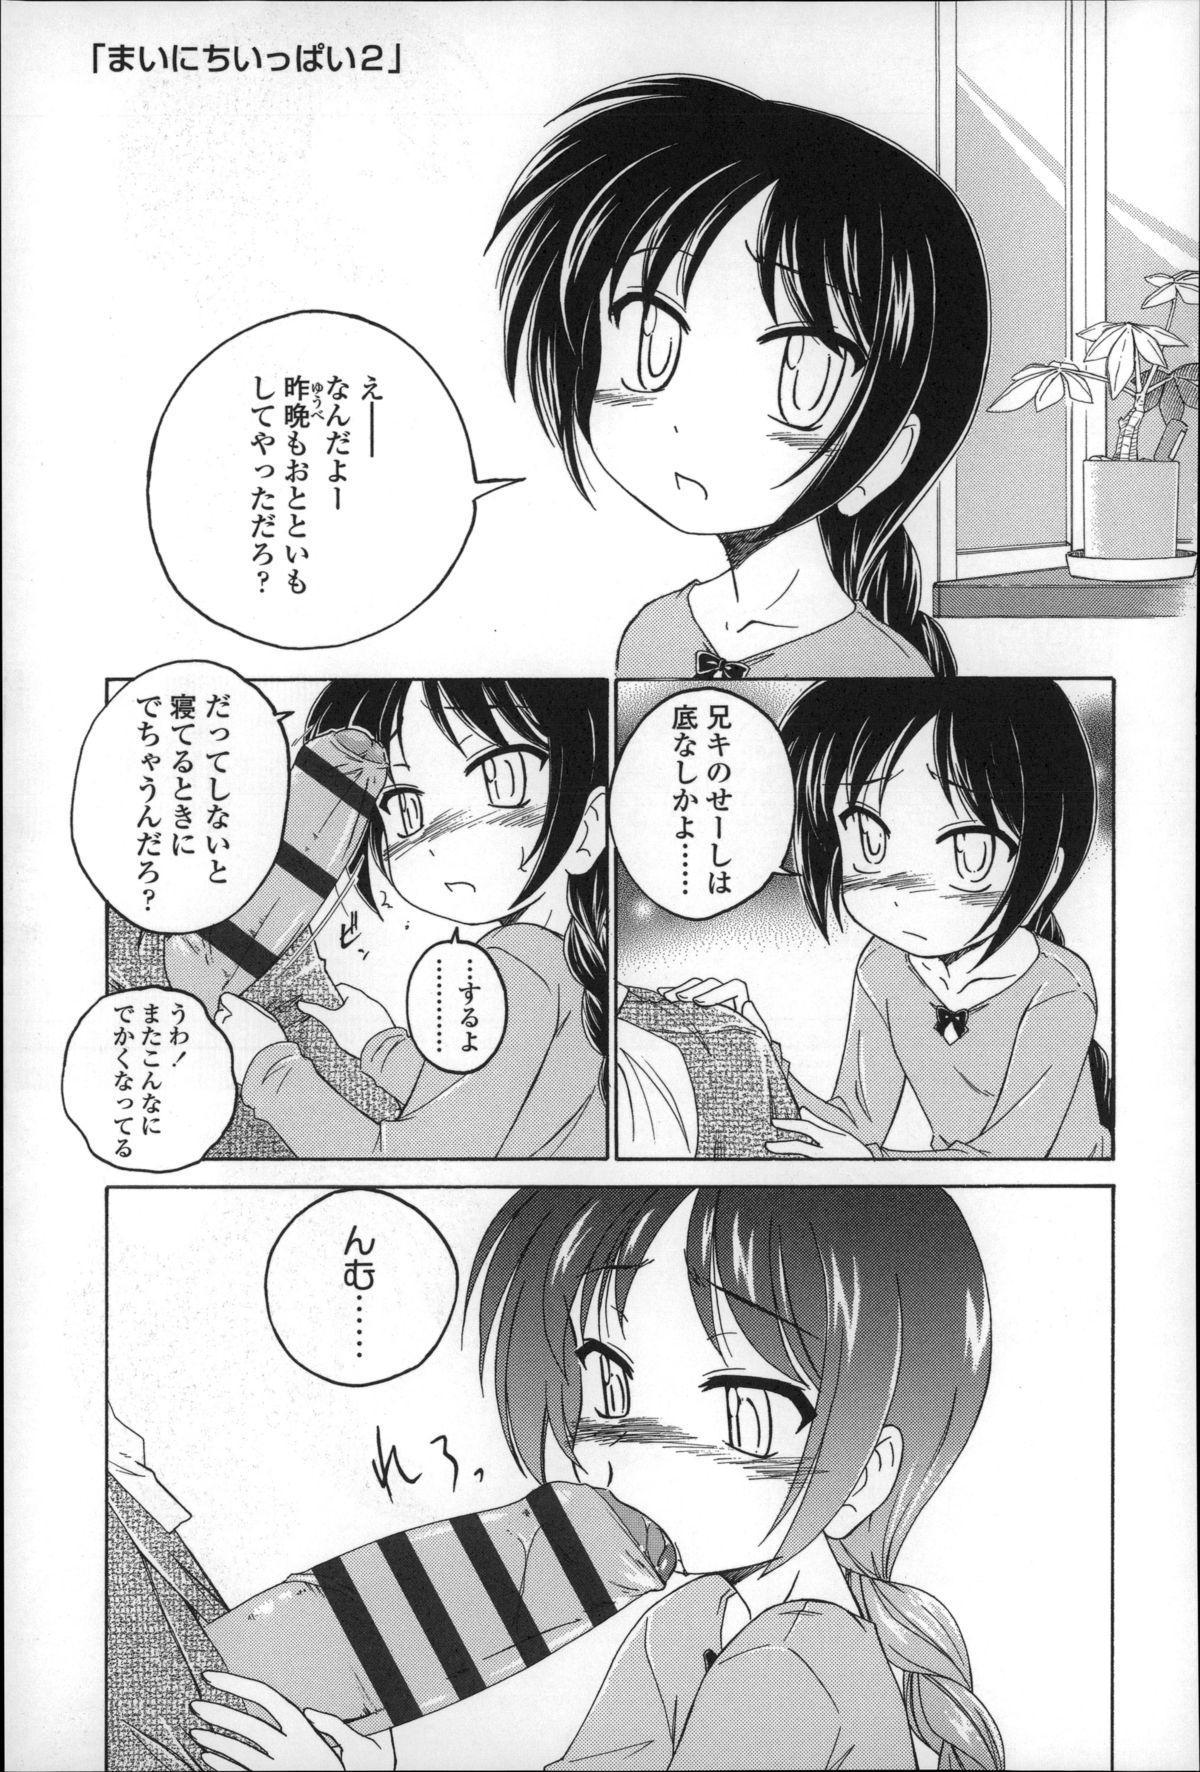 Youshou no Hana no Himitsu - The secret of Girls flowers 82